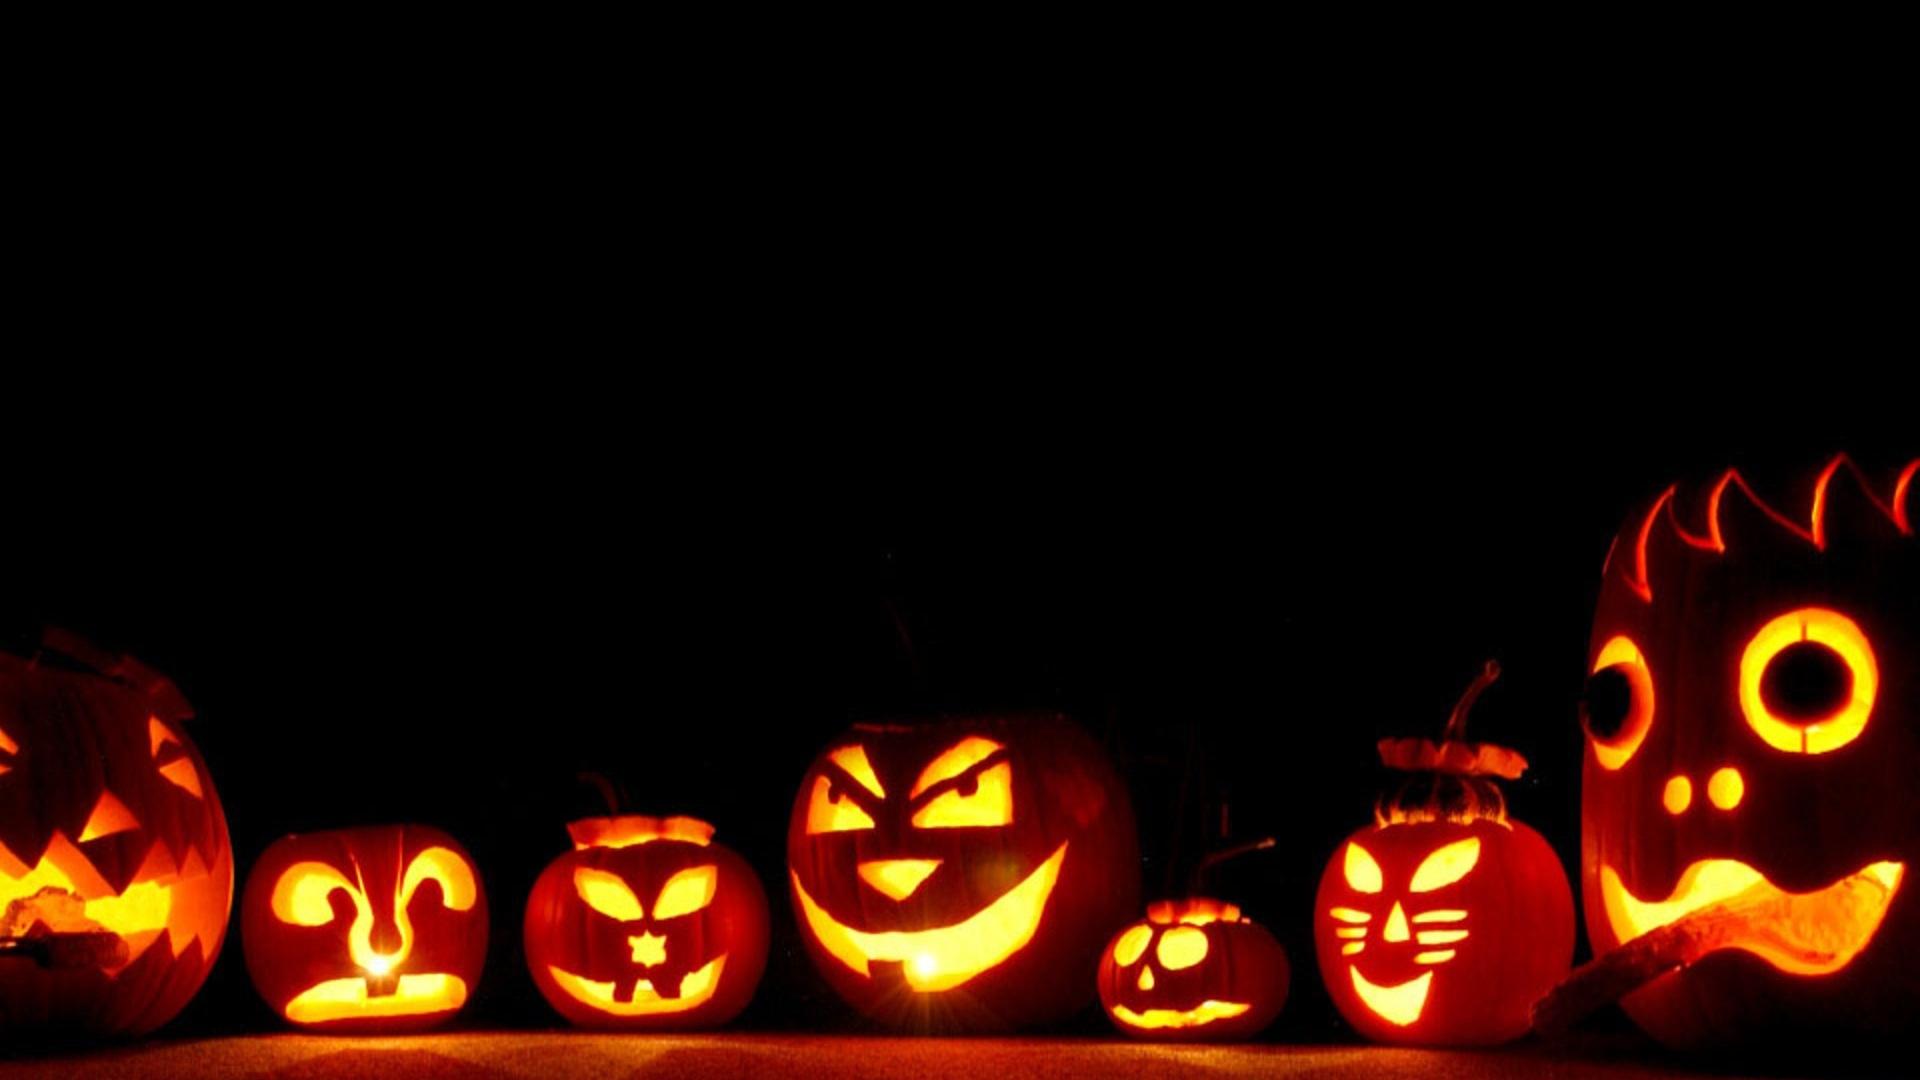 download Halloween Backgrounds for desktop 1920x1080